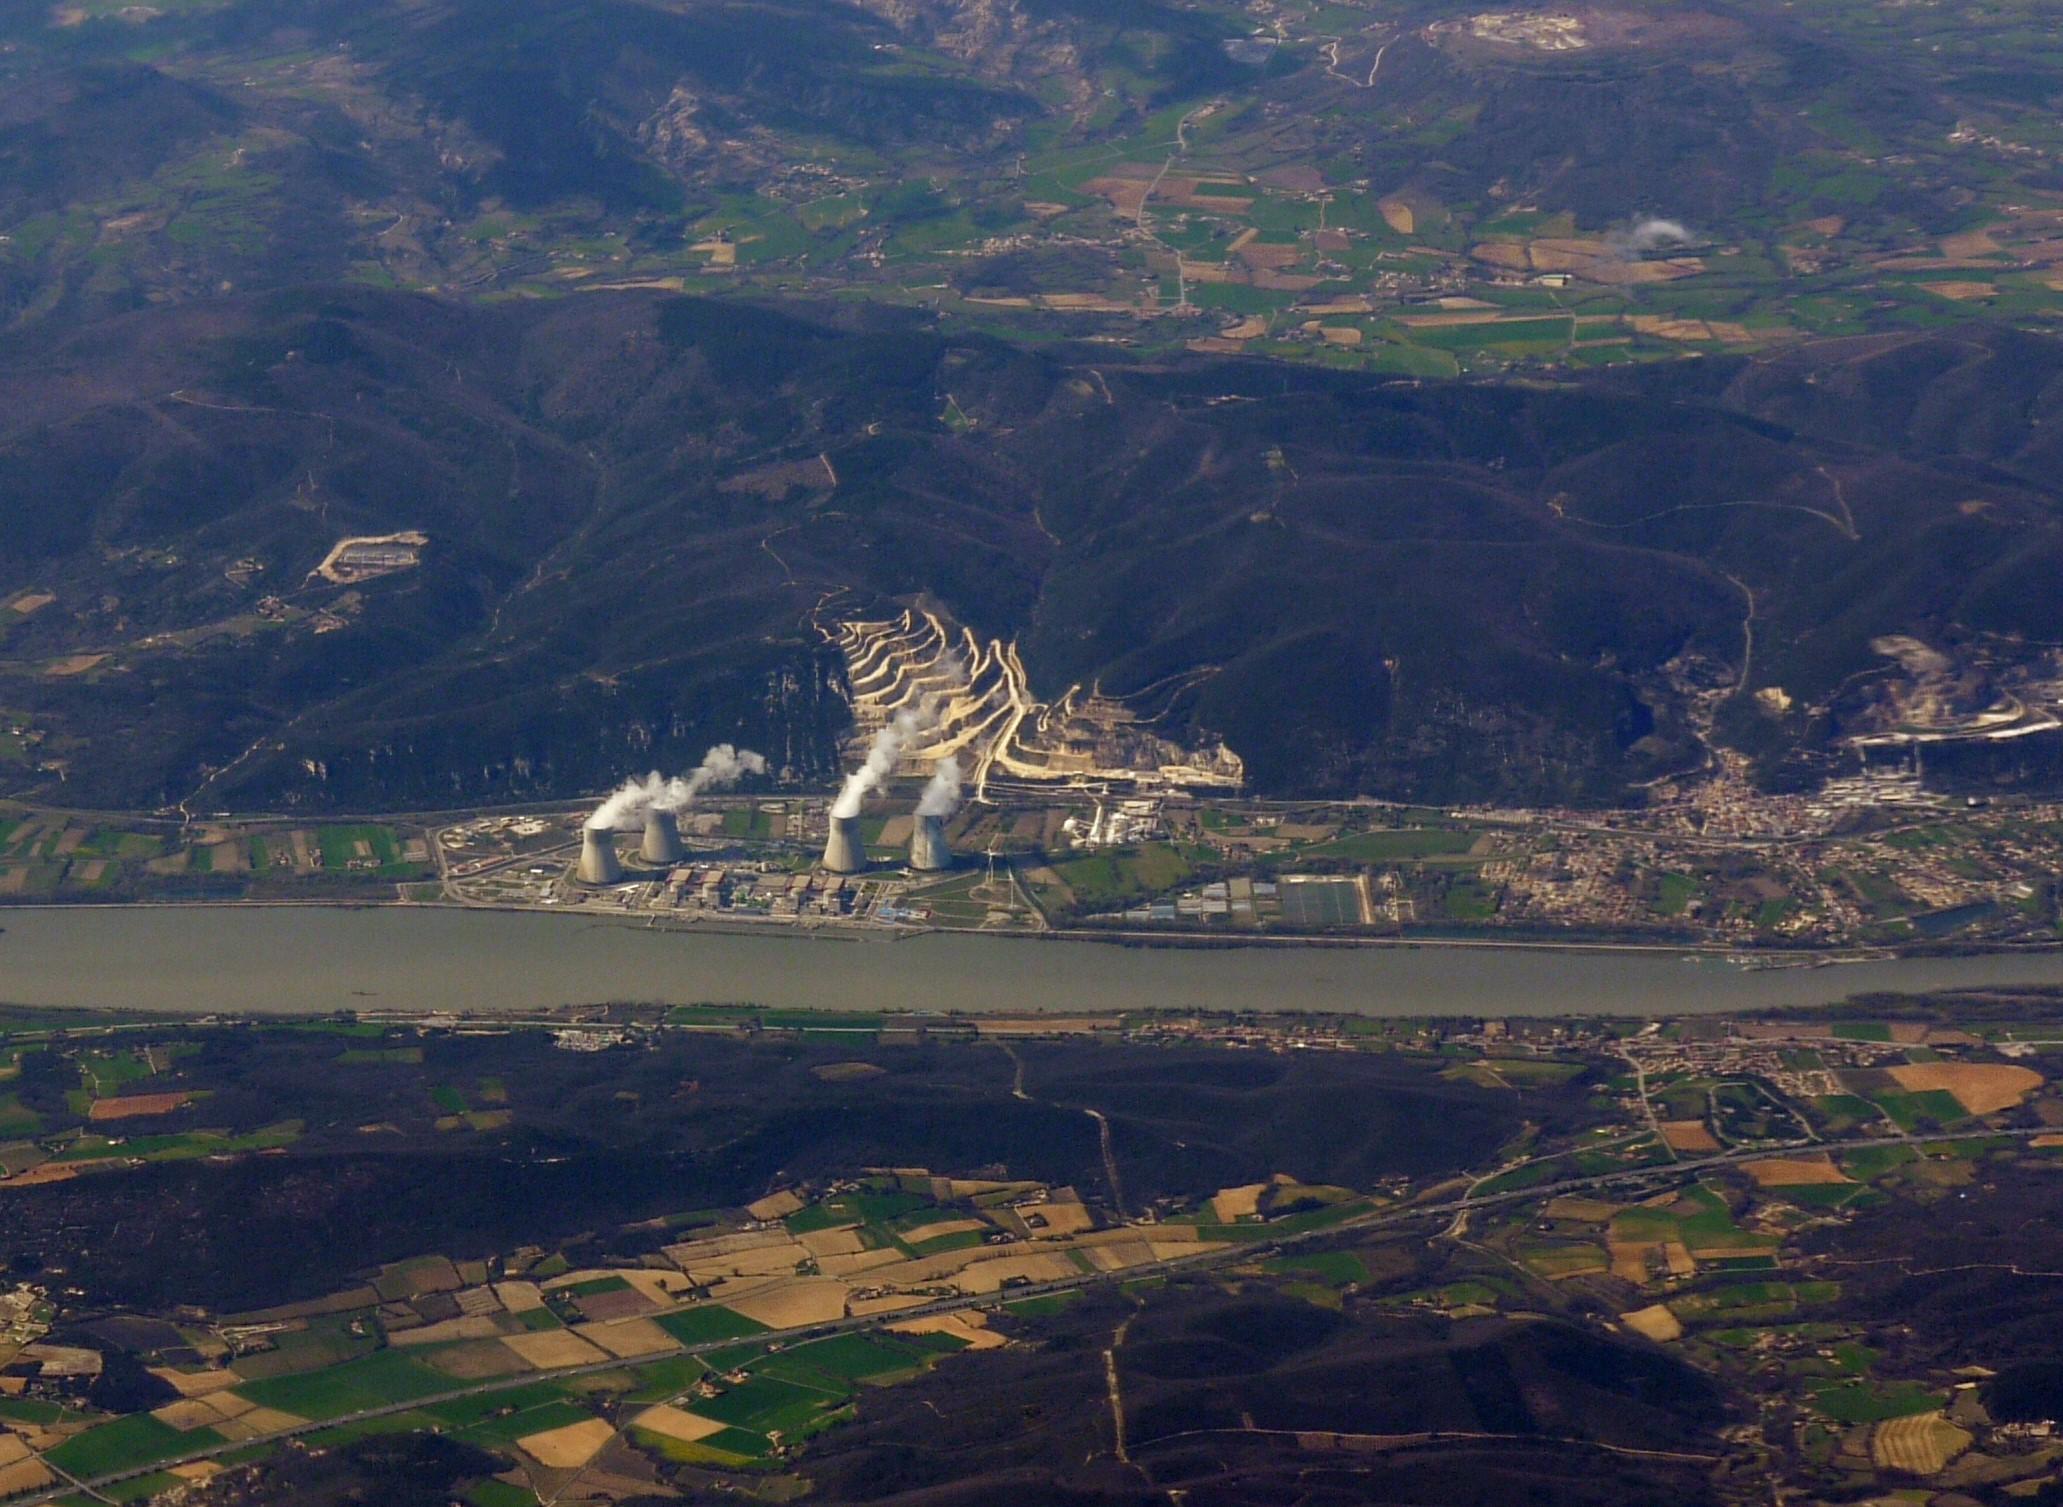 Séisme du Teil : pas d'impact visible sur les installations nucléaires